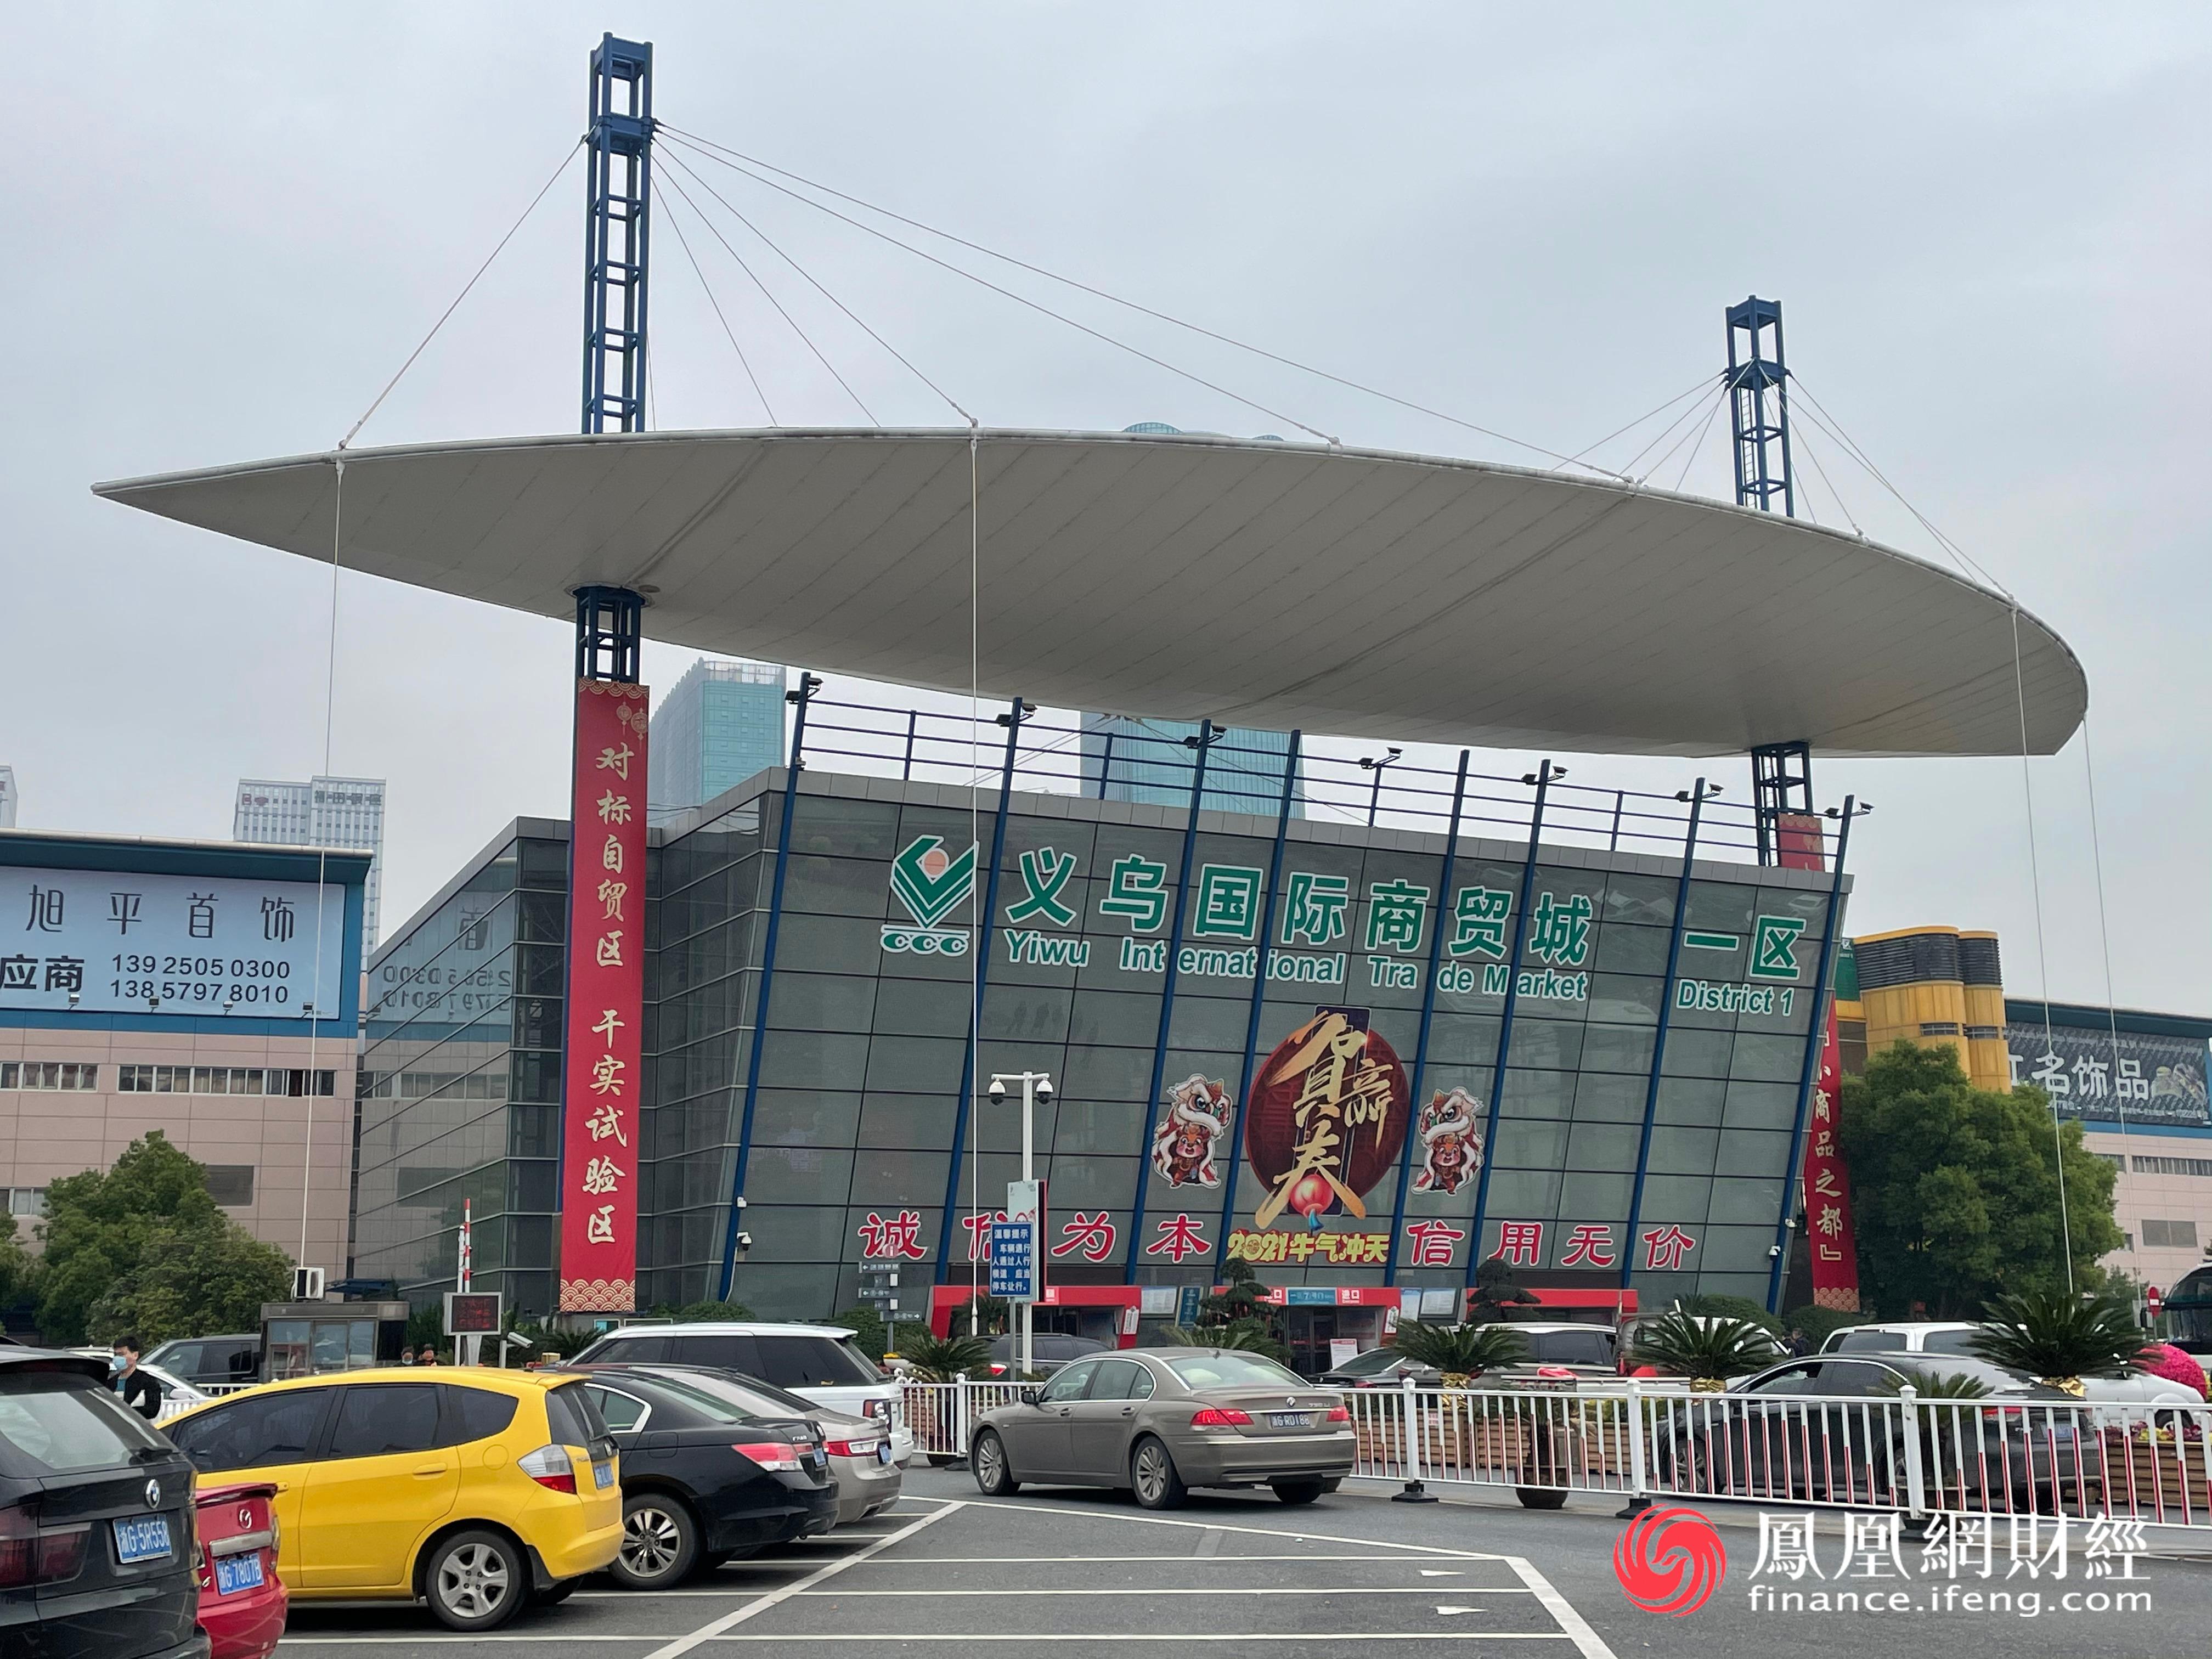 图:义乌国际商贸城正门,凤凰网财经摄